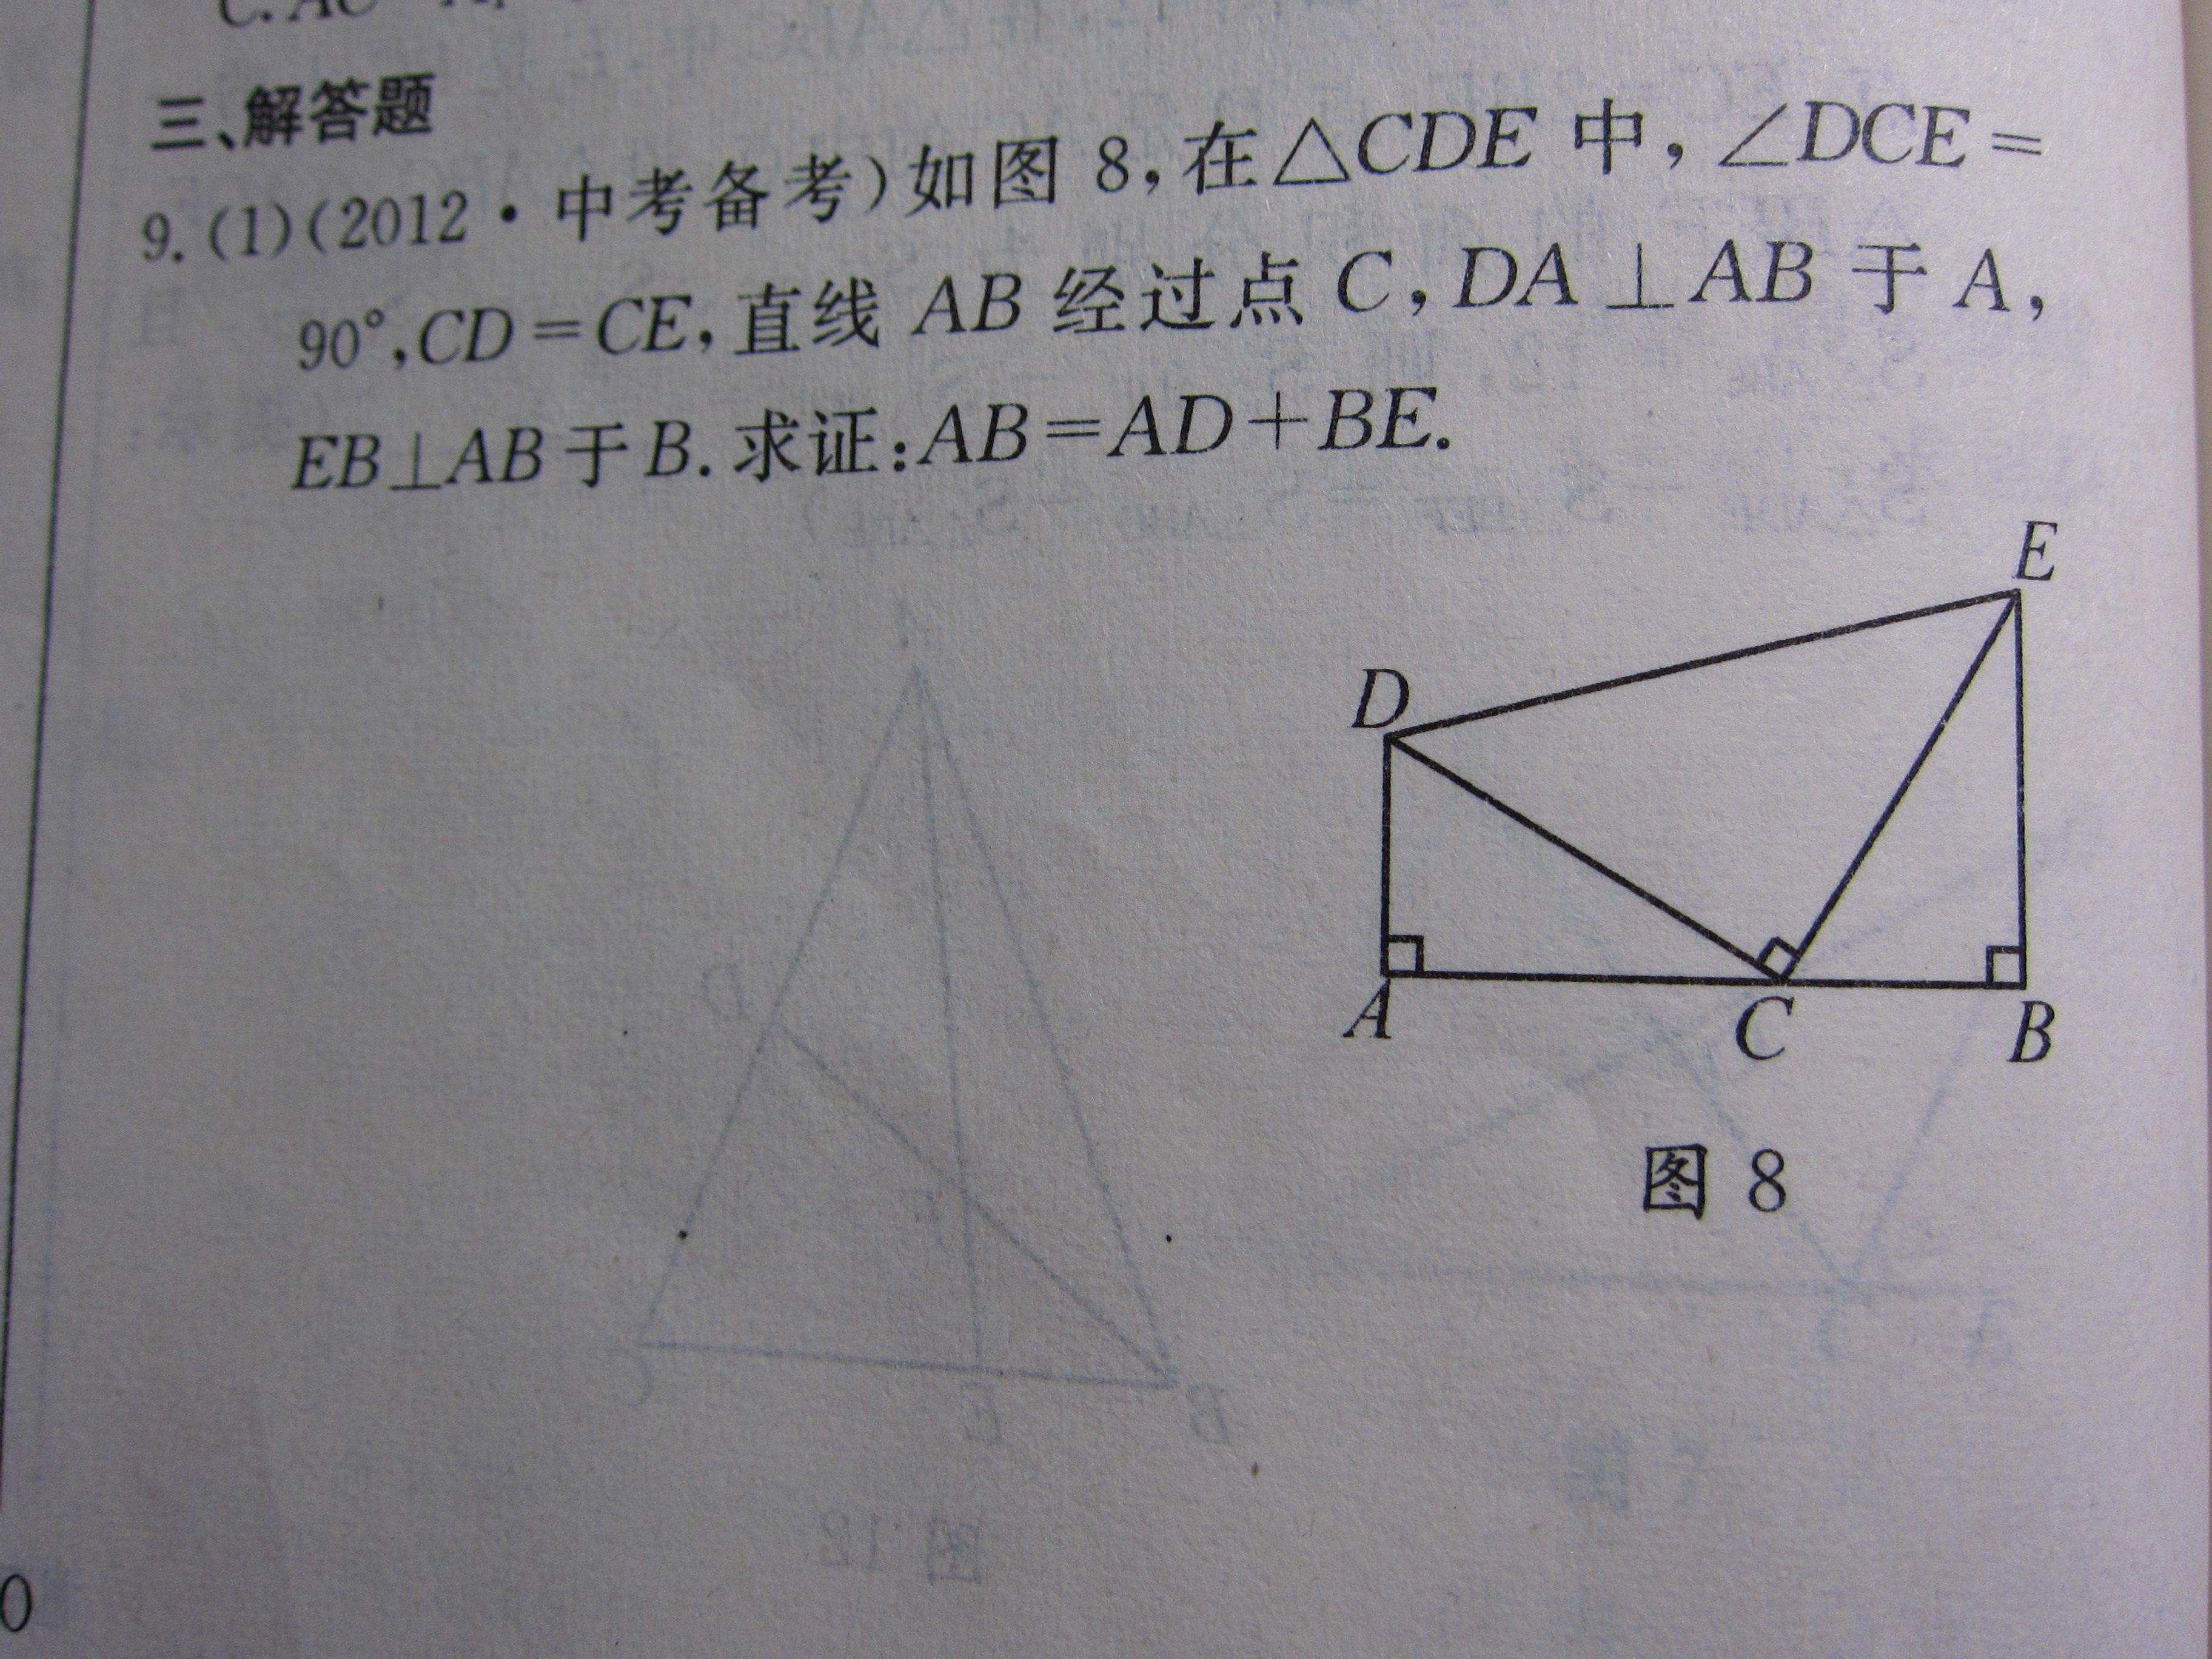 几道初一的数学几何题.图片